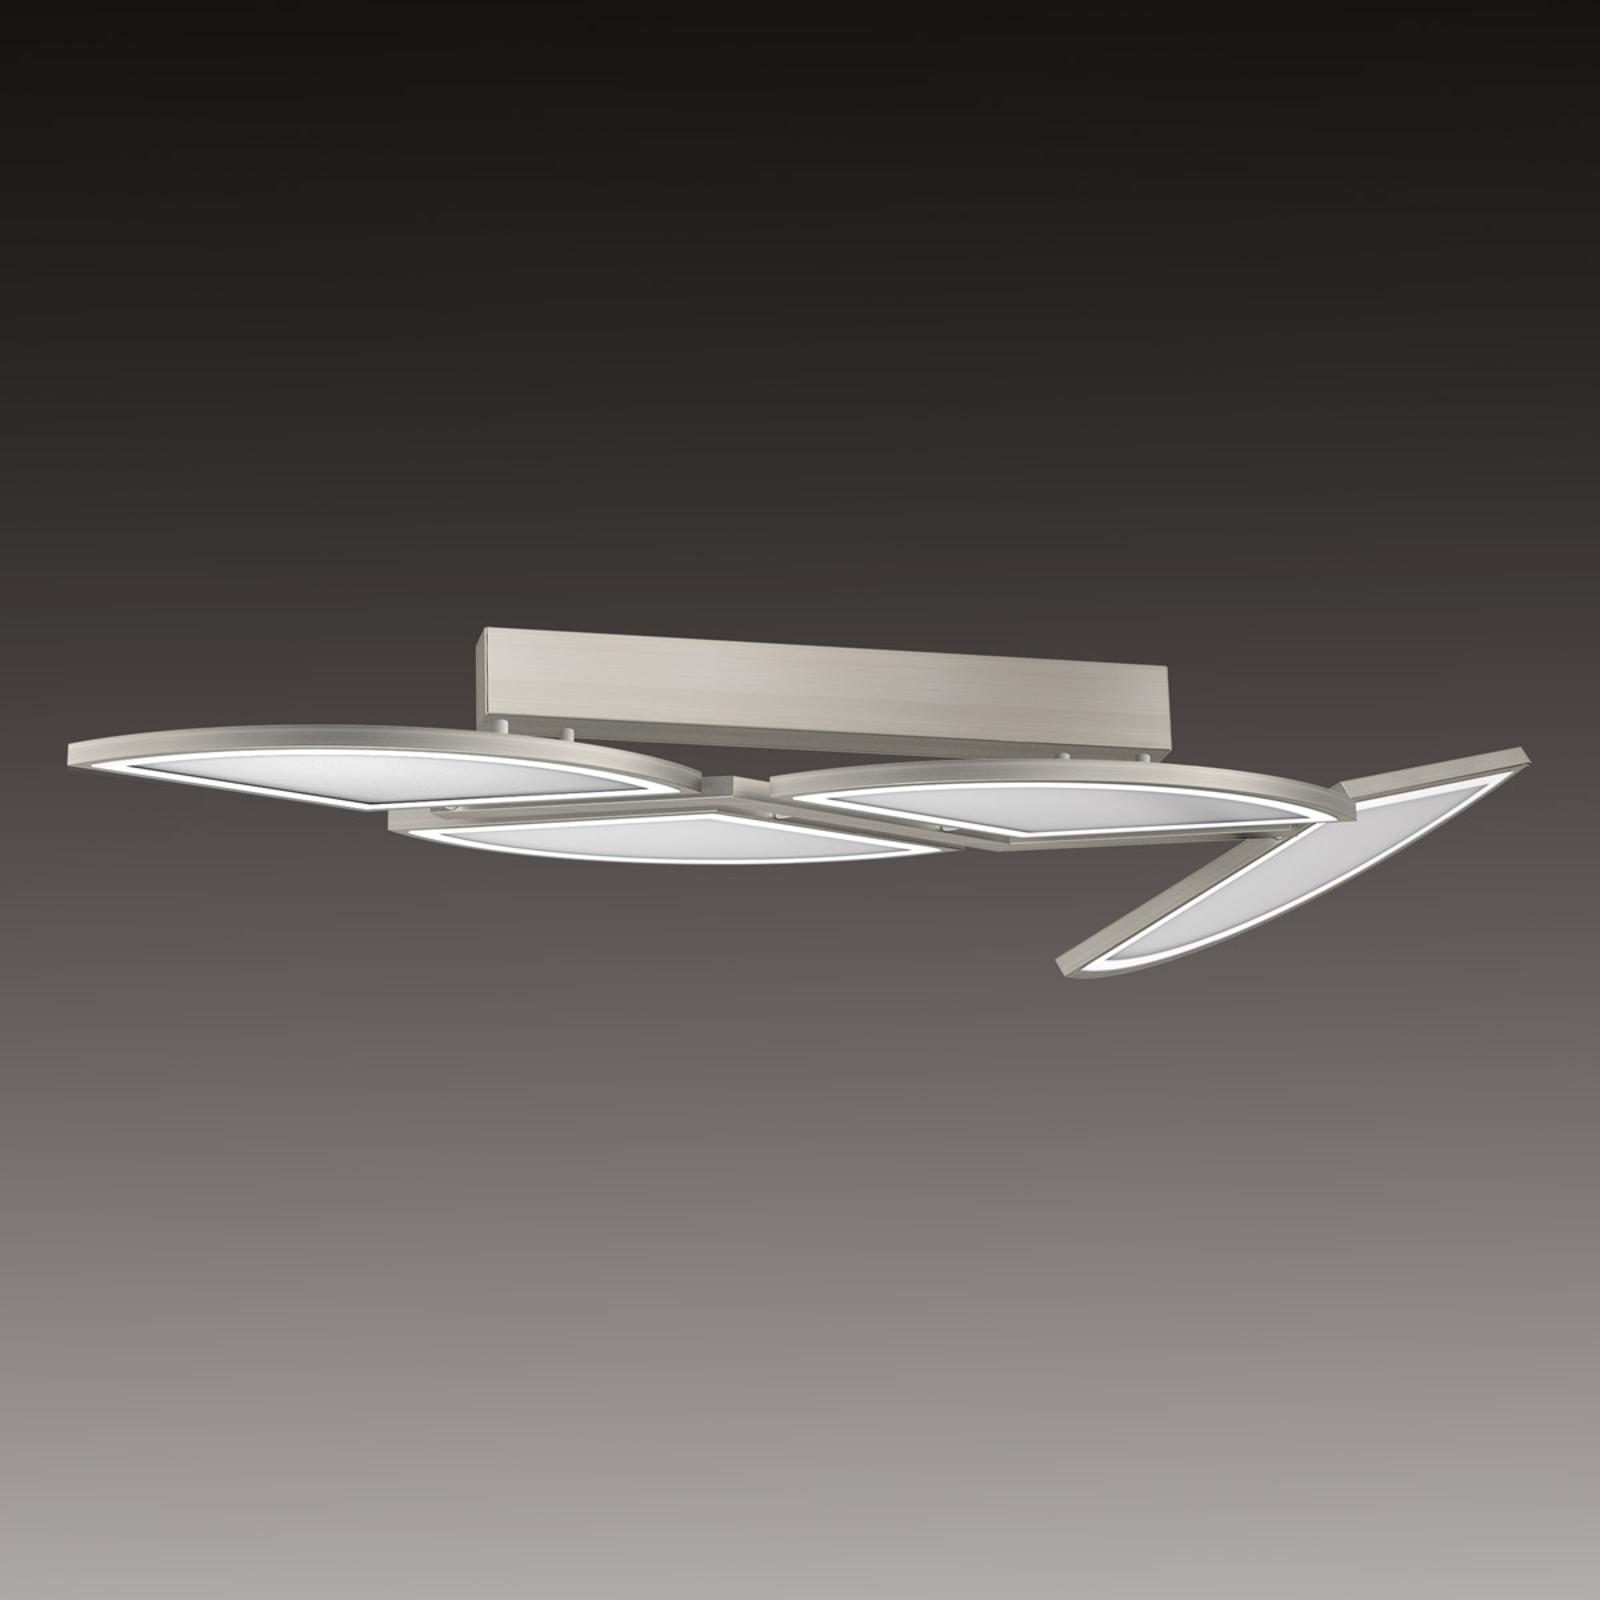 Movil - lampa sufitowa LED z 4 segmentami